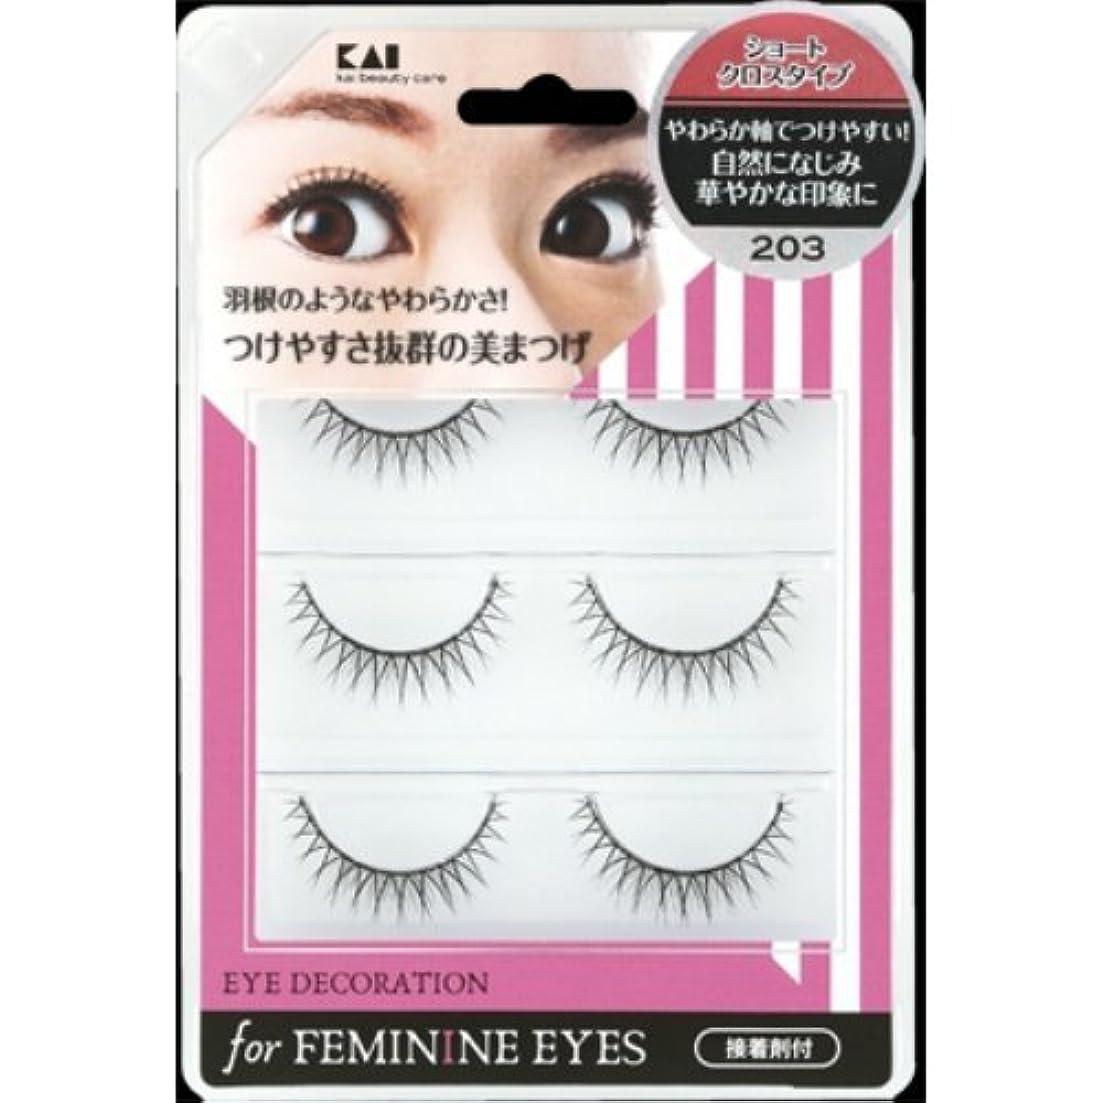 高い目指す距離貝印 アイデコレーション for feminine eyes 203 HC1560